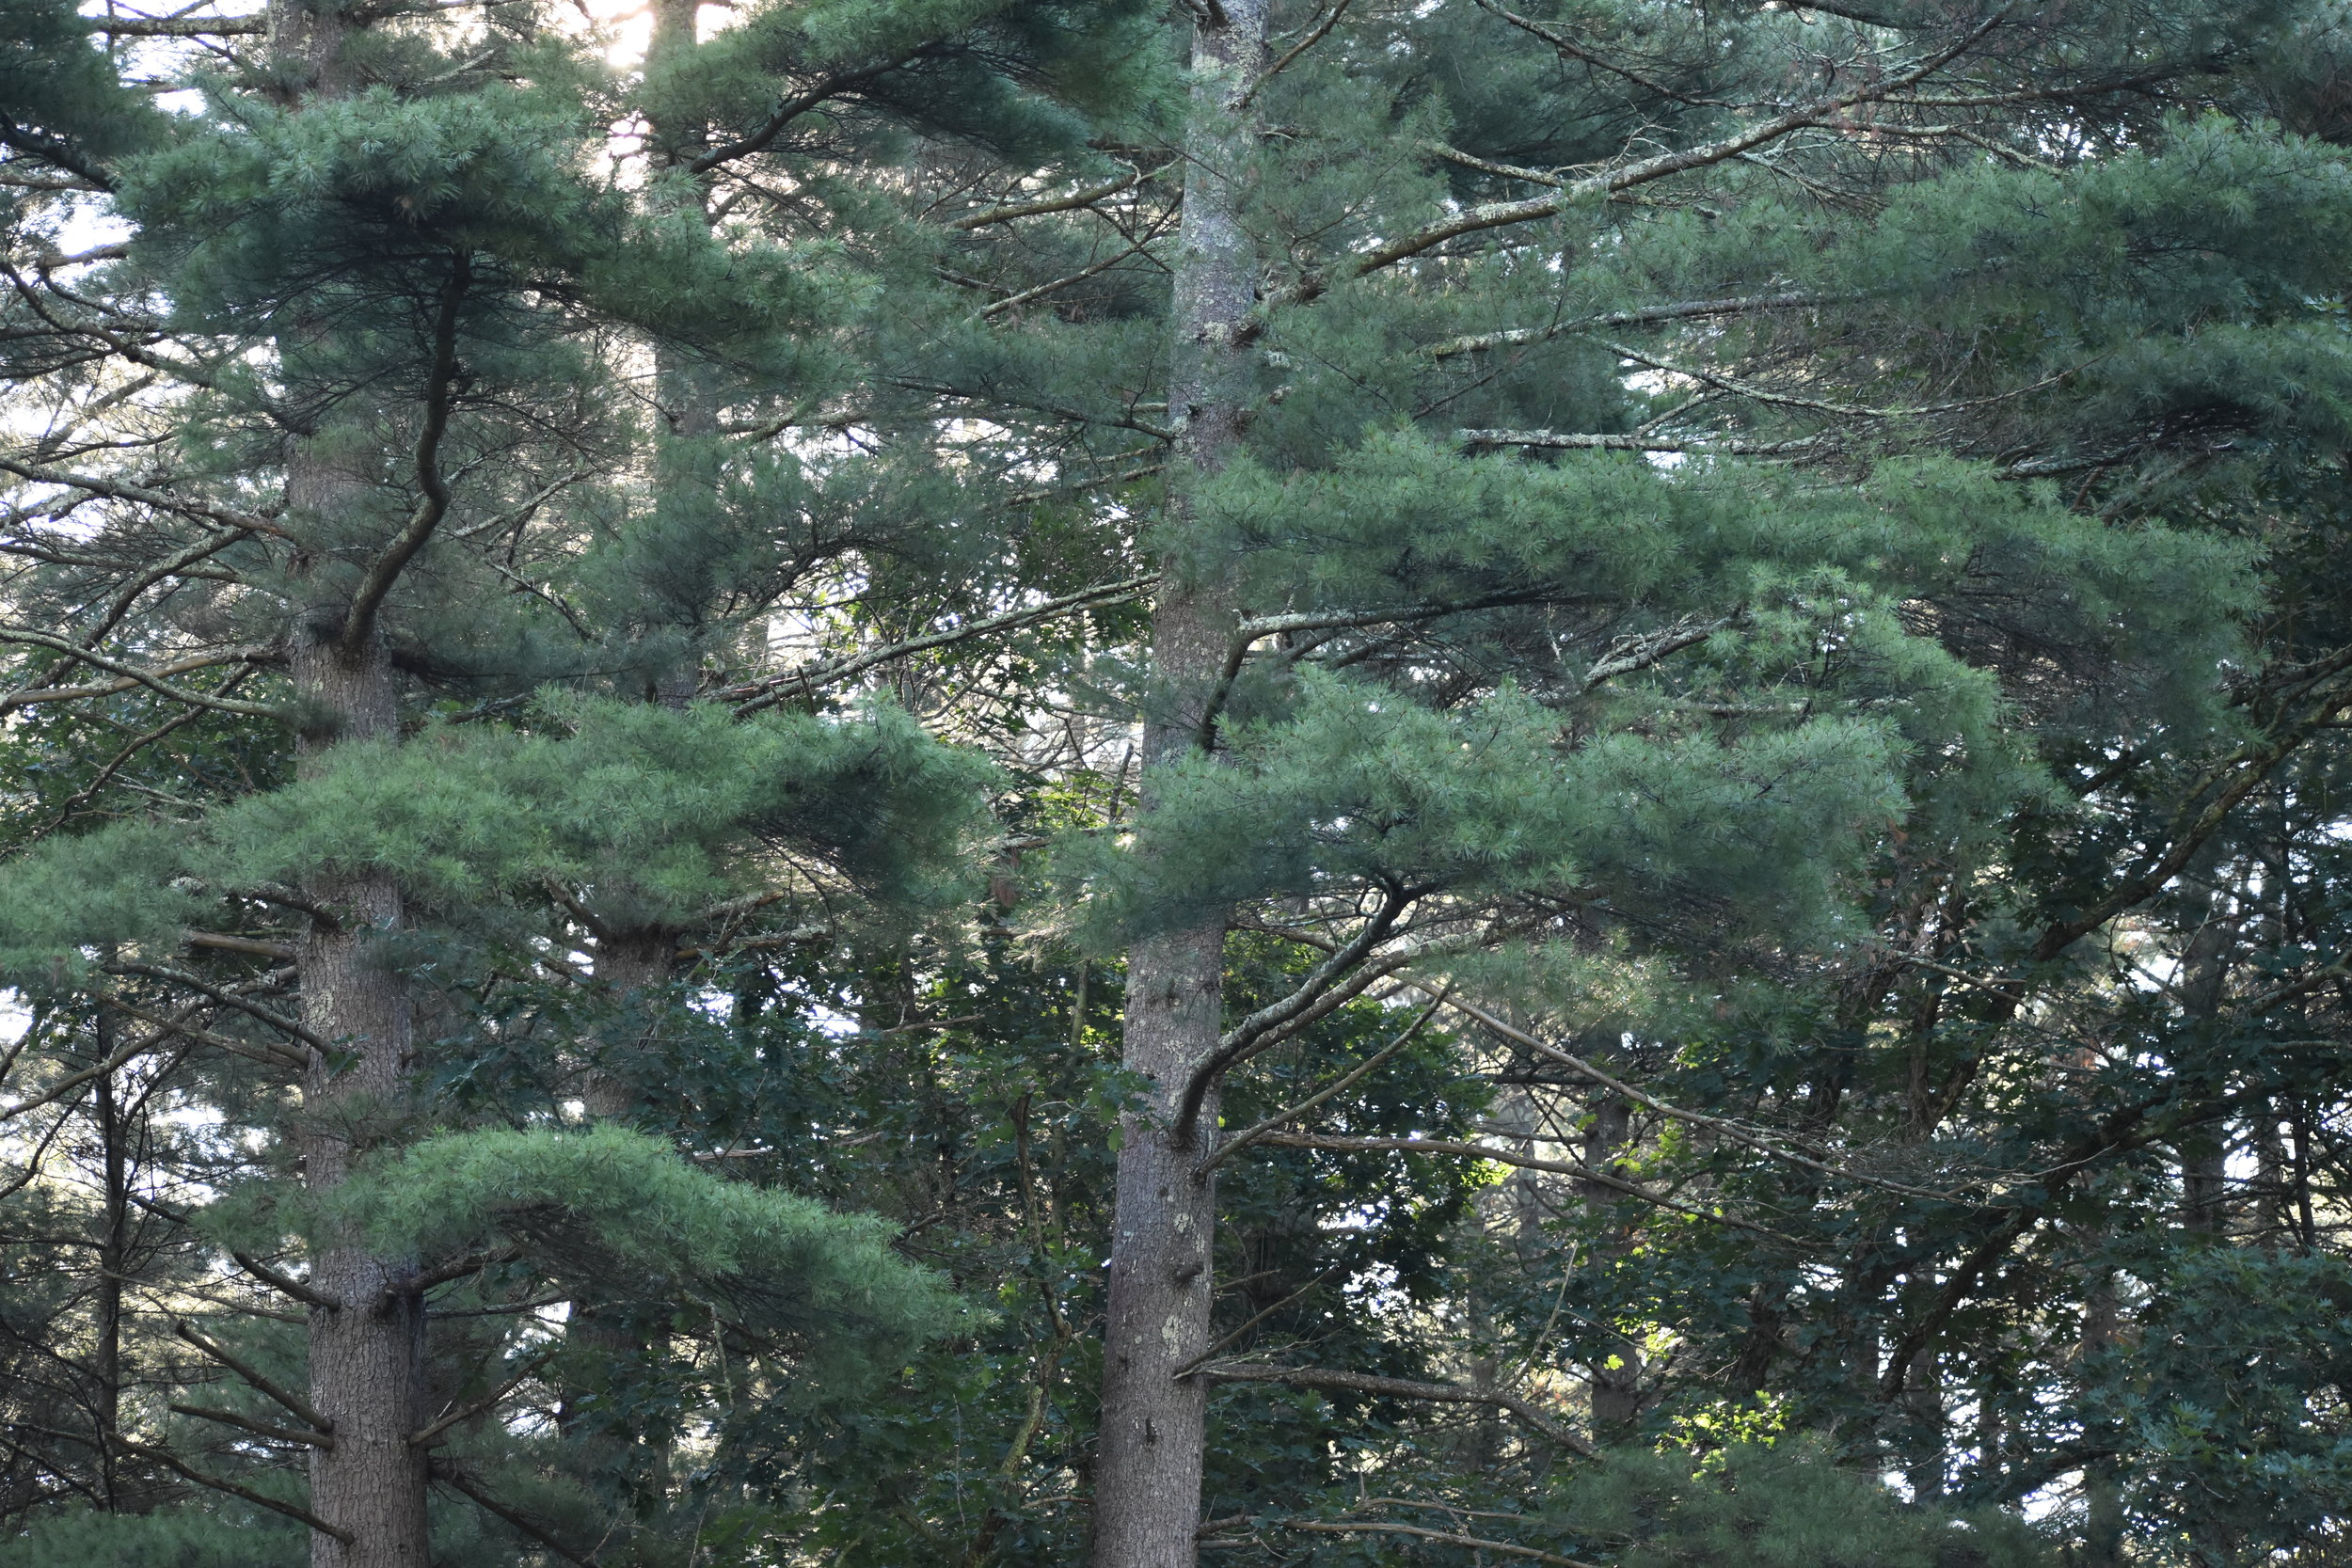 Habitat: Conifer Forest/Woodlands